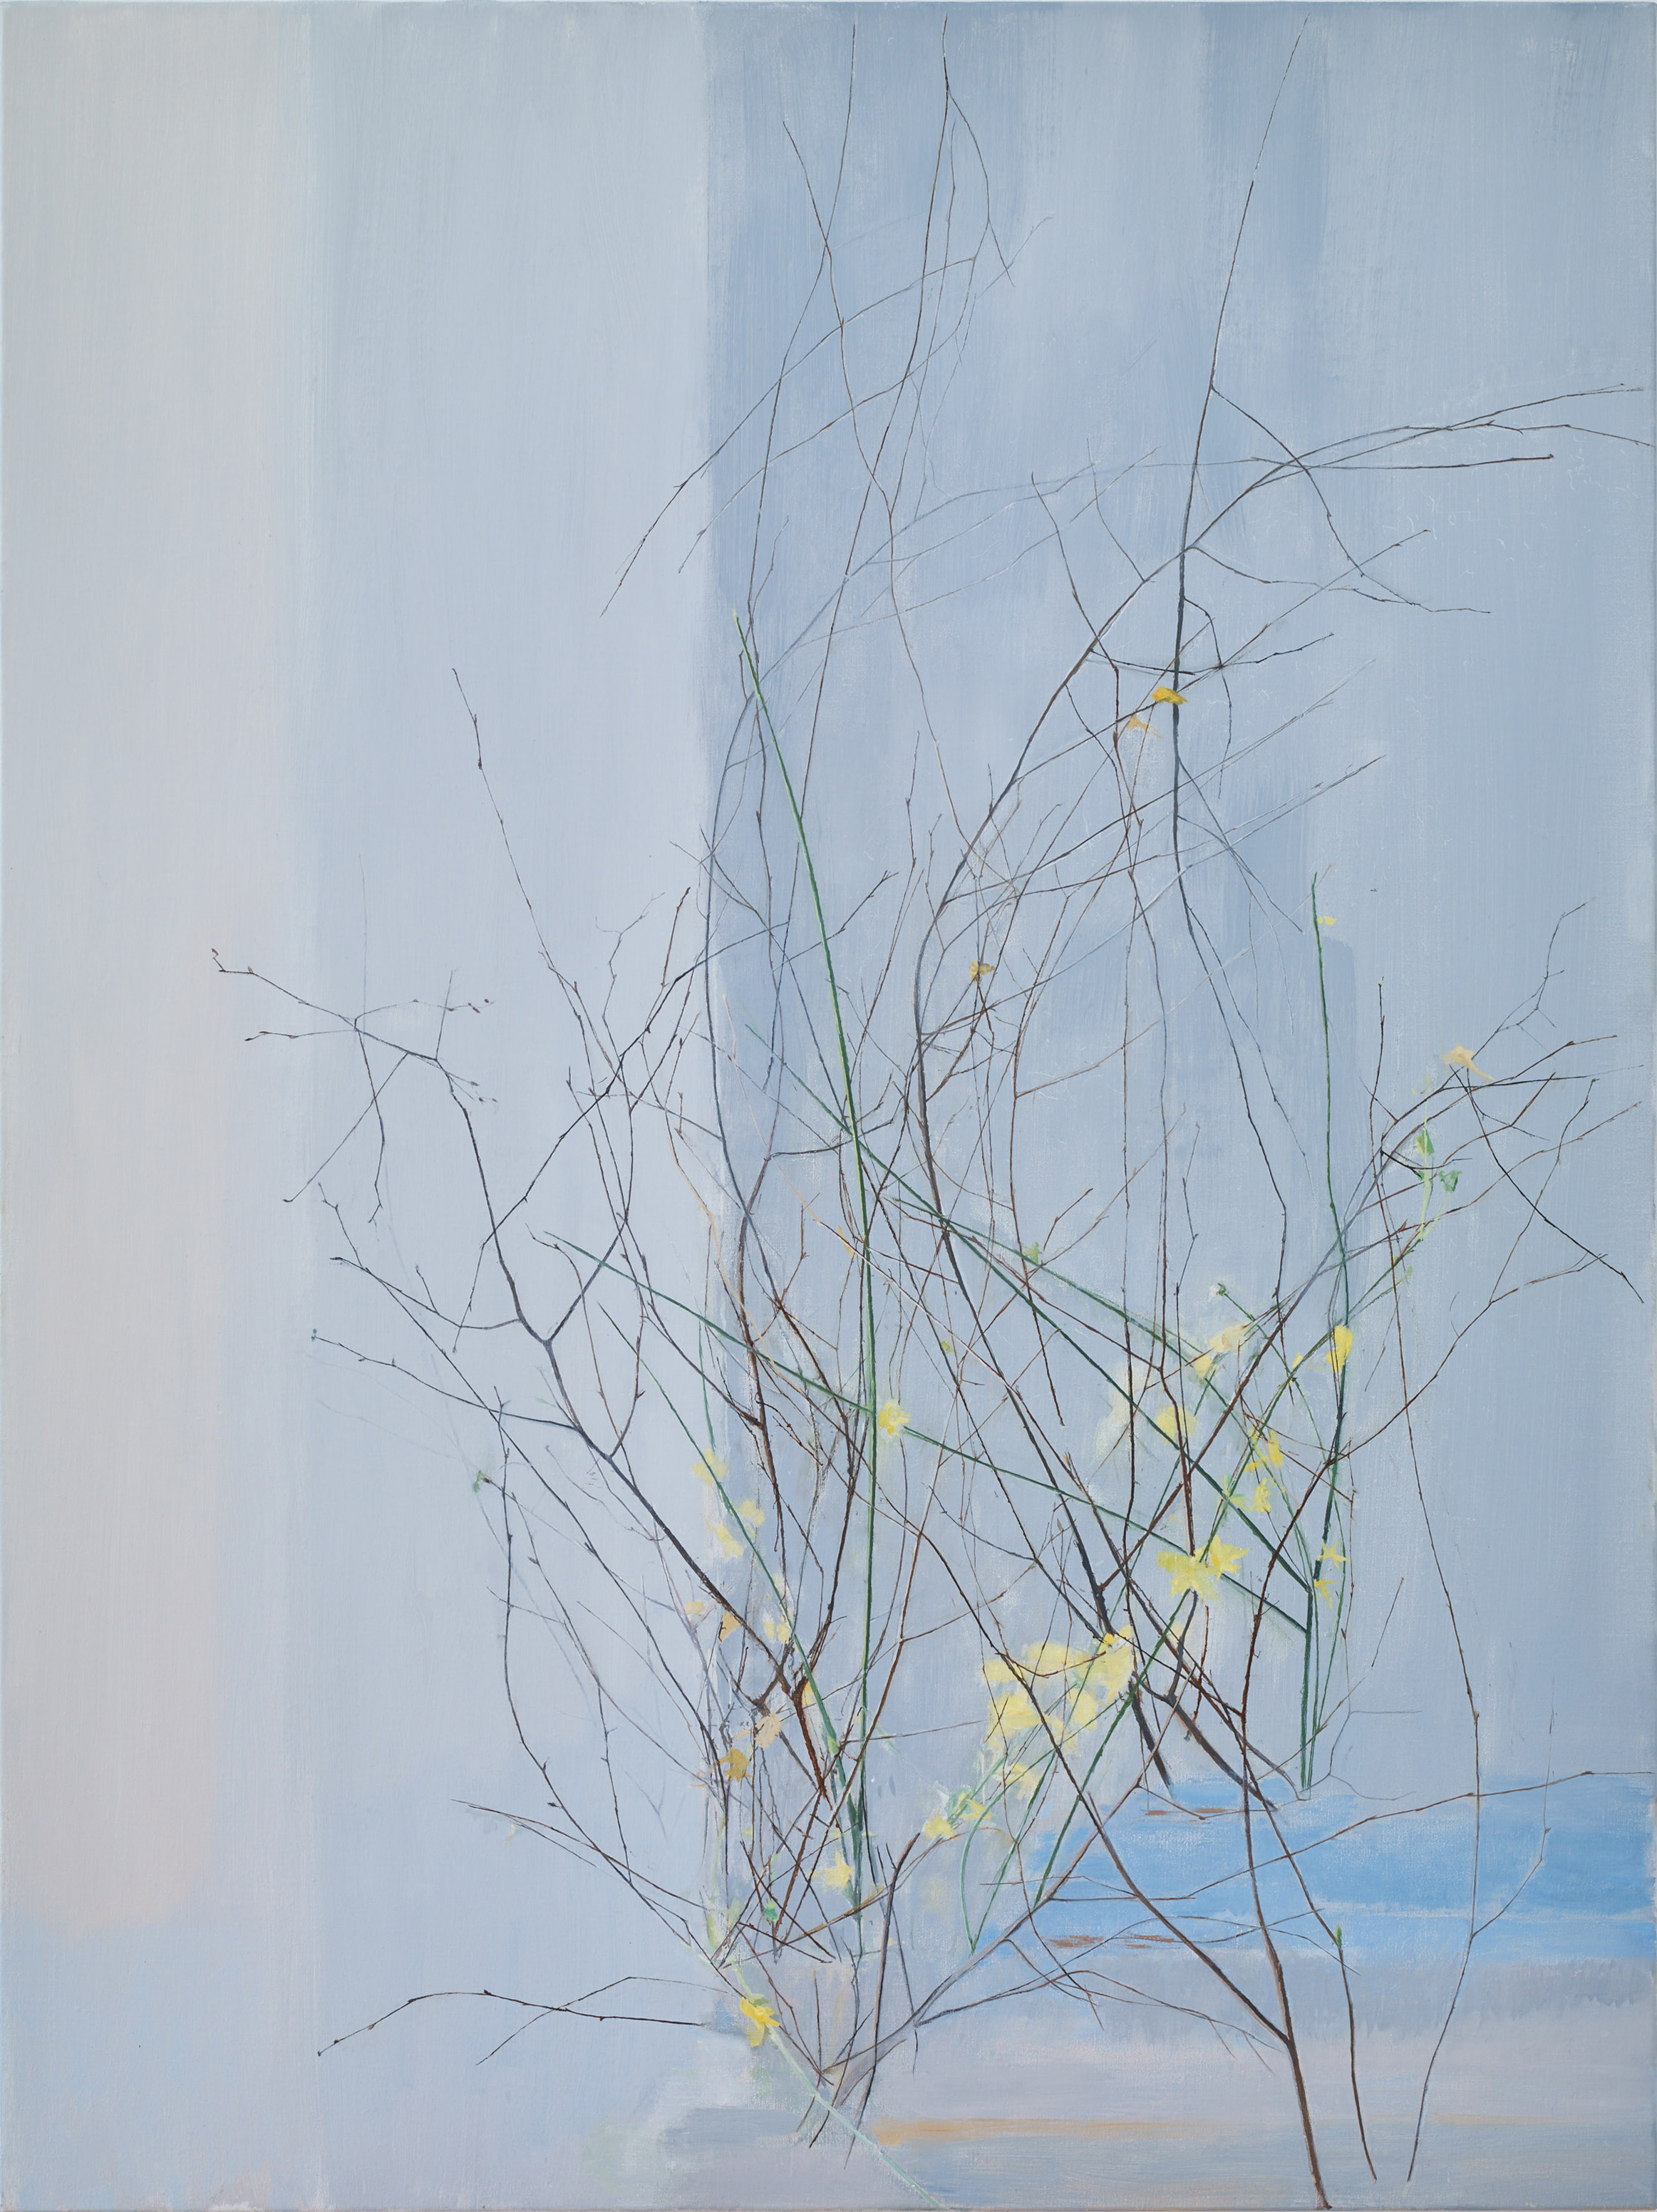 January Colour, 2018, oil on canvas, 120 x 90 cm